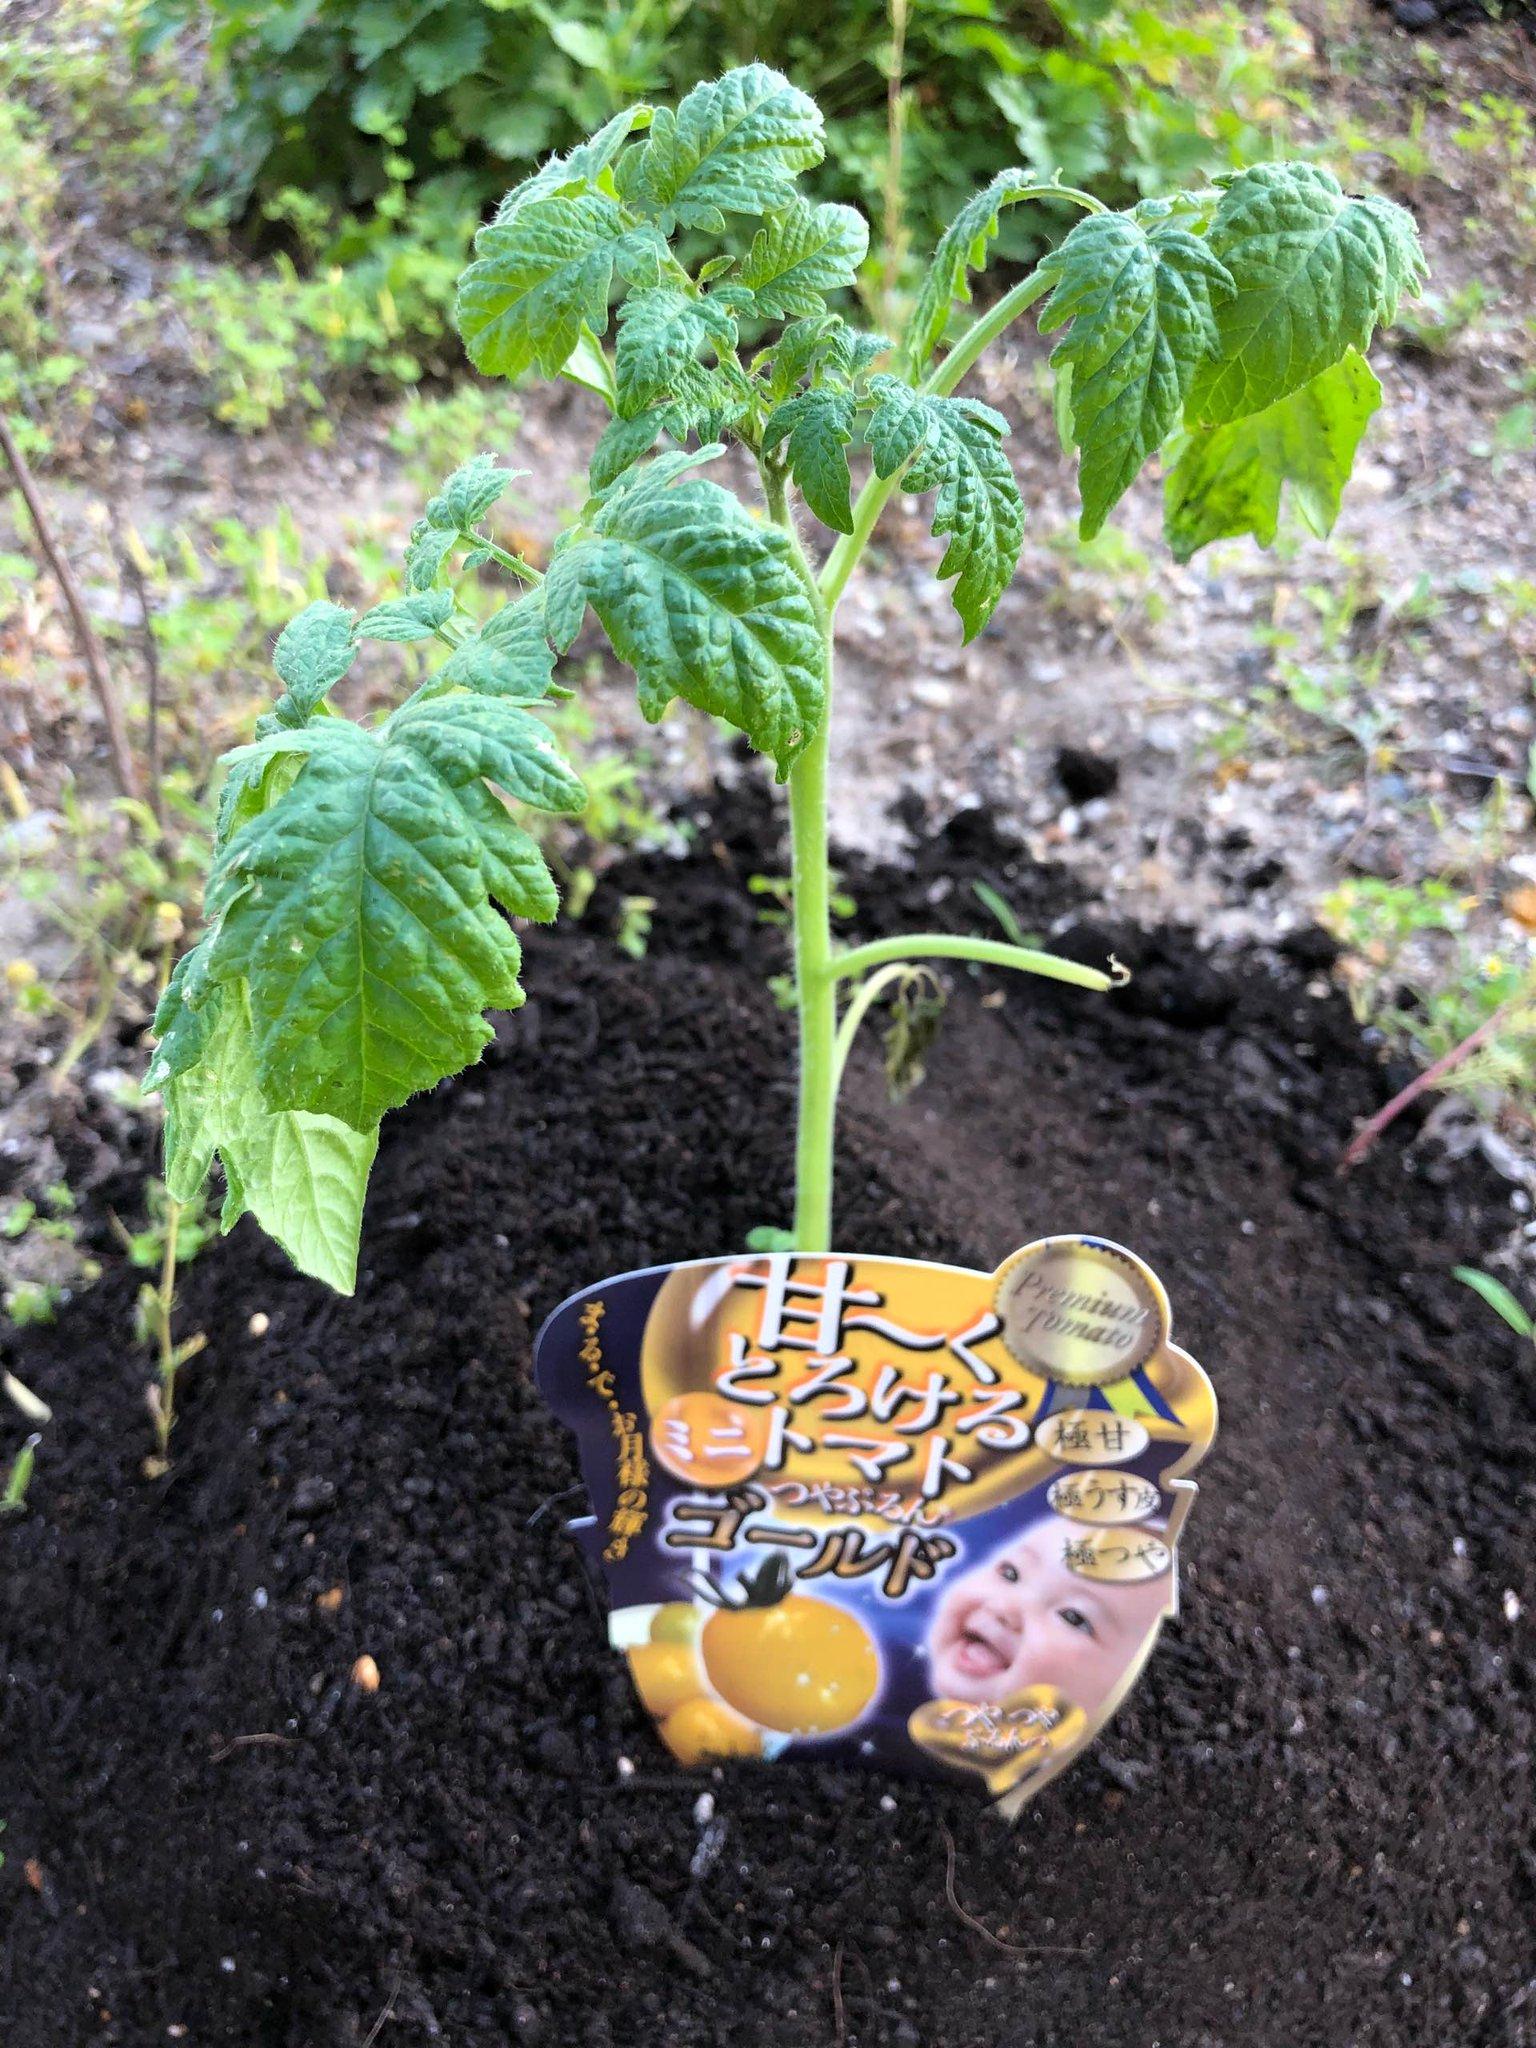 甘〜くとろけるミニトマトつやぷるんゴールドの苗を植えた。 https://t.co/SDTEg7iPoT